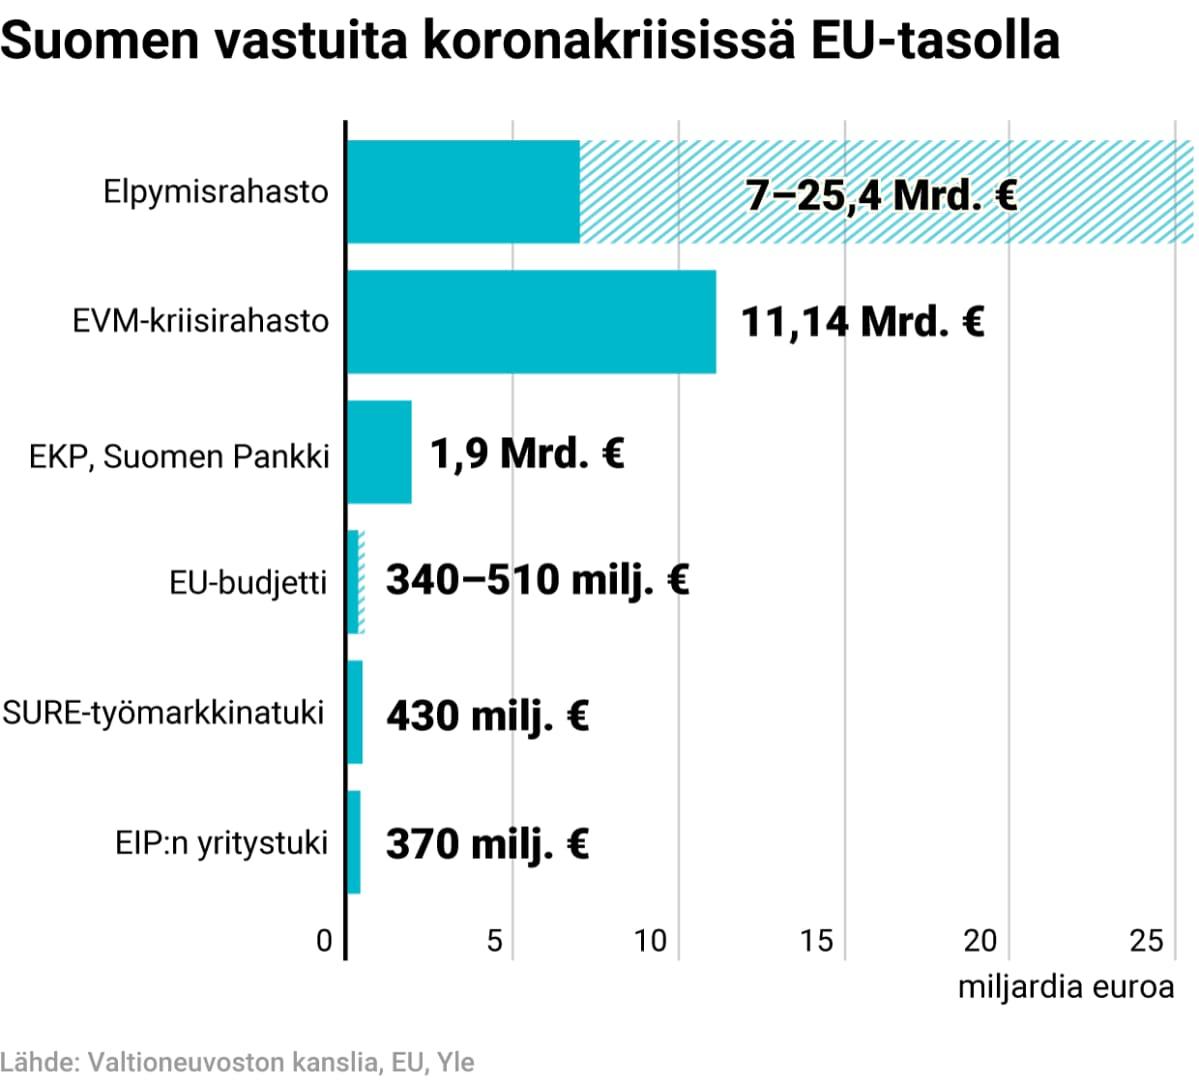 Suomen takausvastuut koronakriisissä EU-tasolla